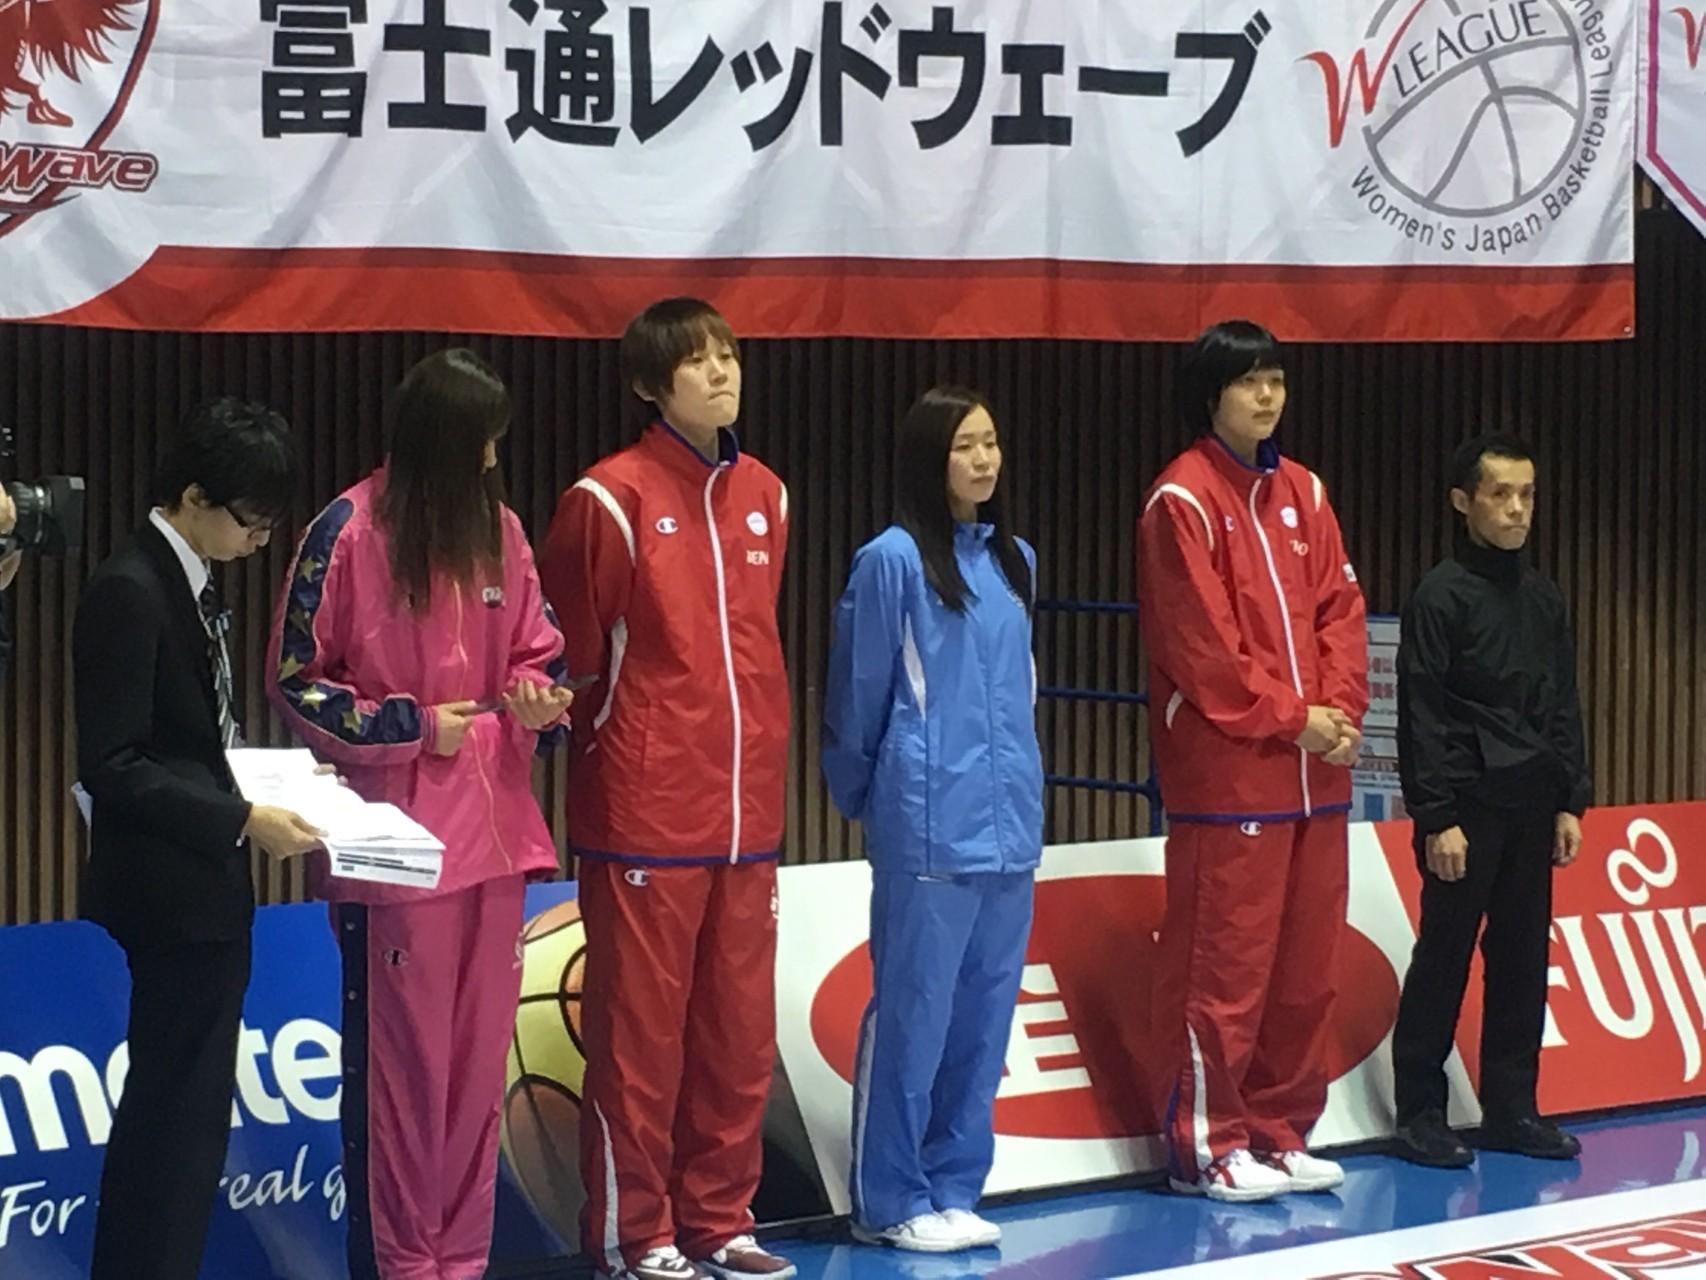 授賞式を待つ、髙田真希選手と赤穂さくら選手